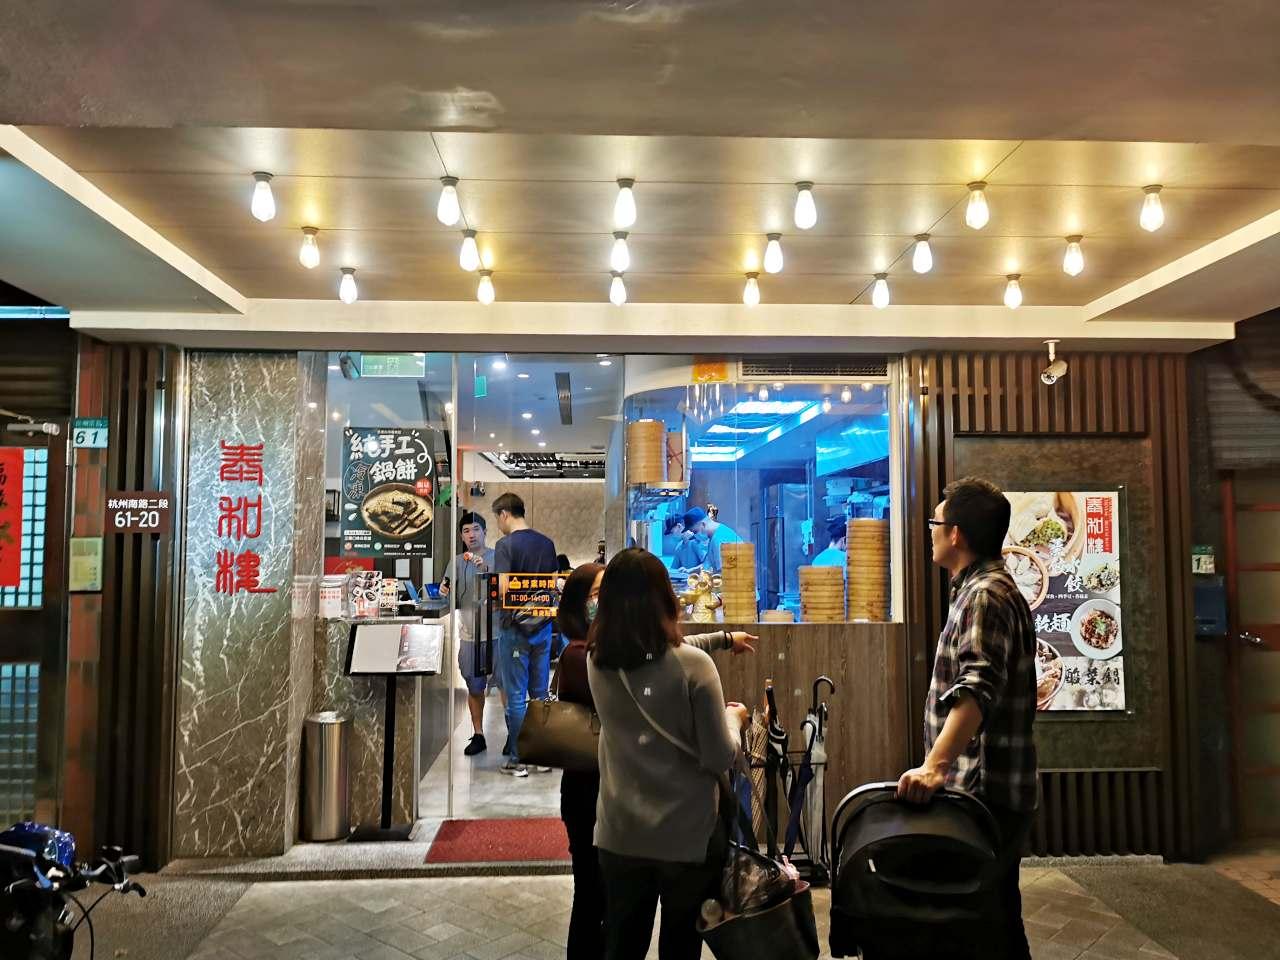 台北美食:泰和樓老店傳承三代,必點酸菜白肉鍋,光開胃菜就超多選擇(附菜單)-捷運古亭站